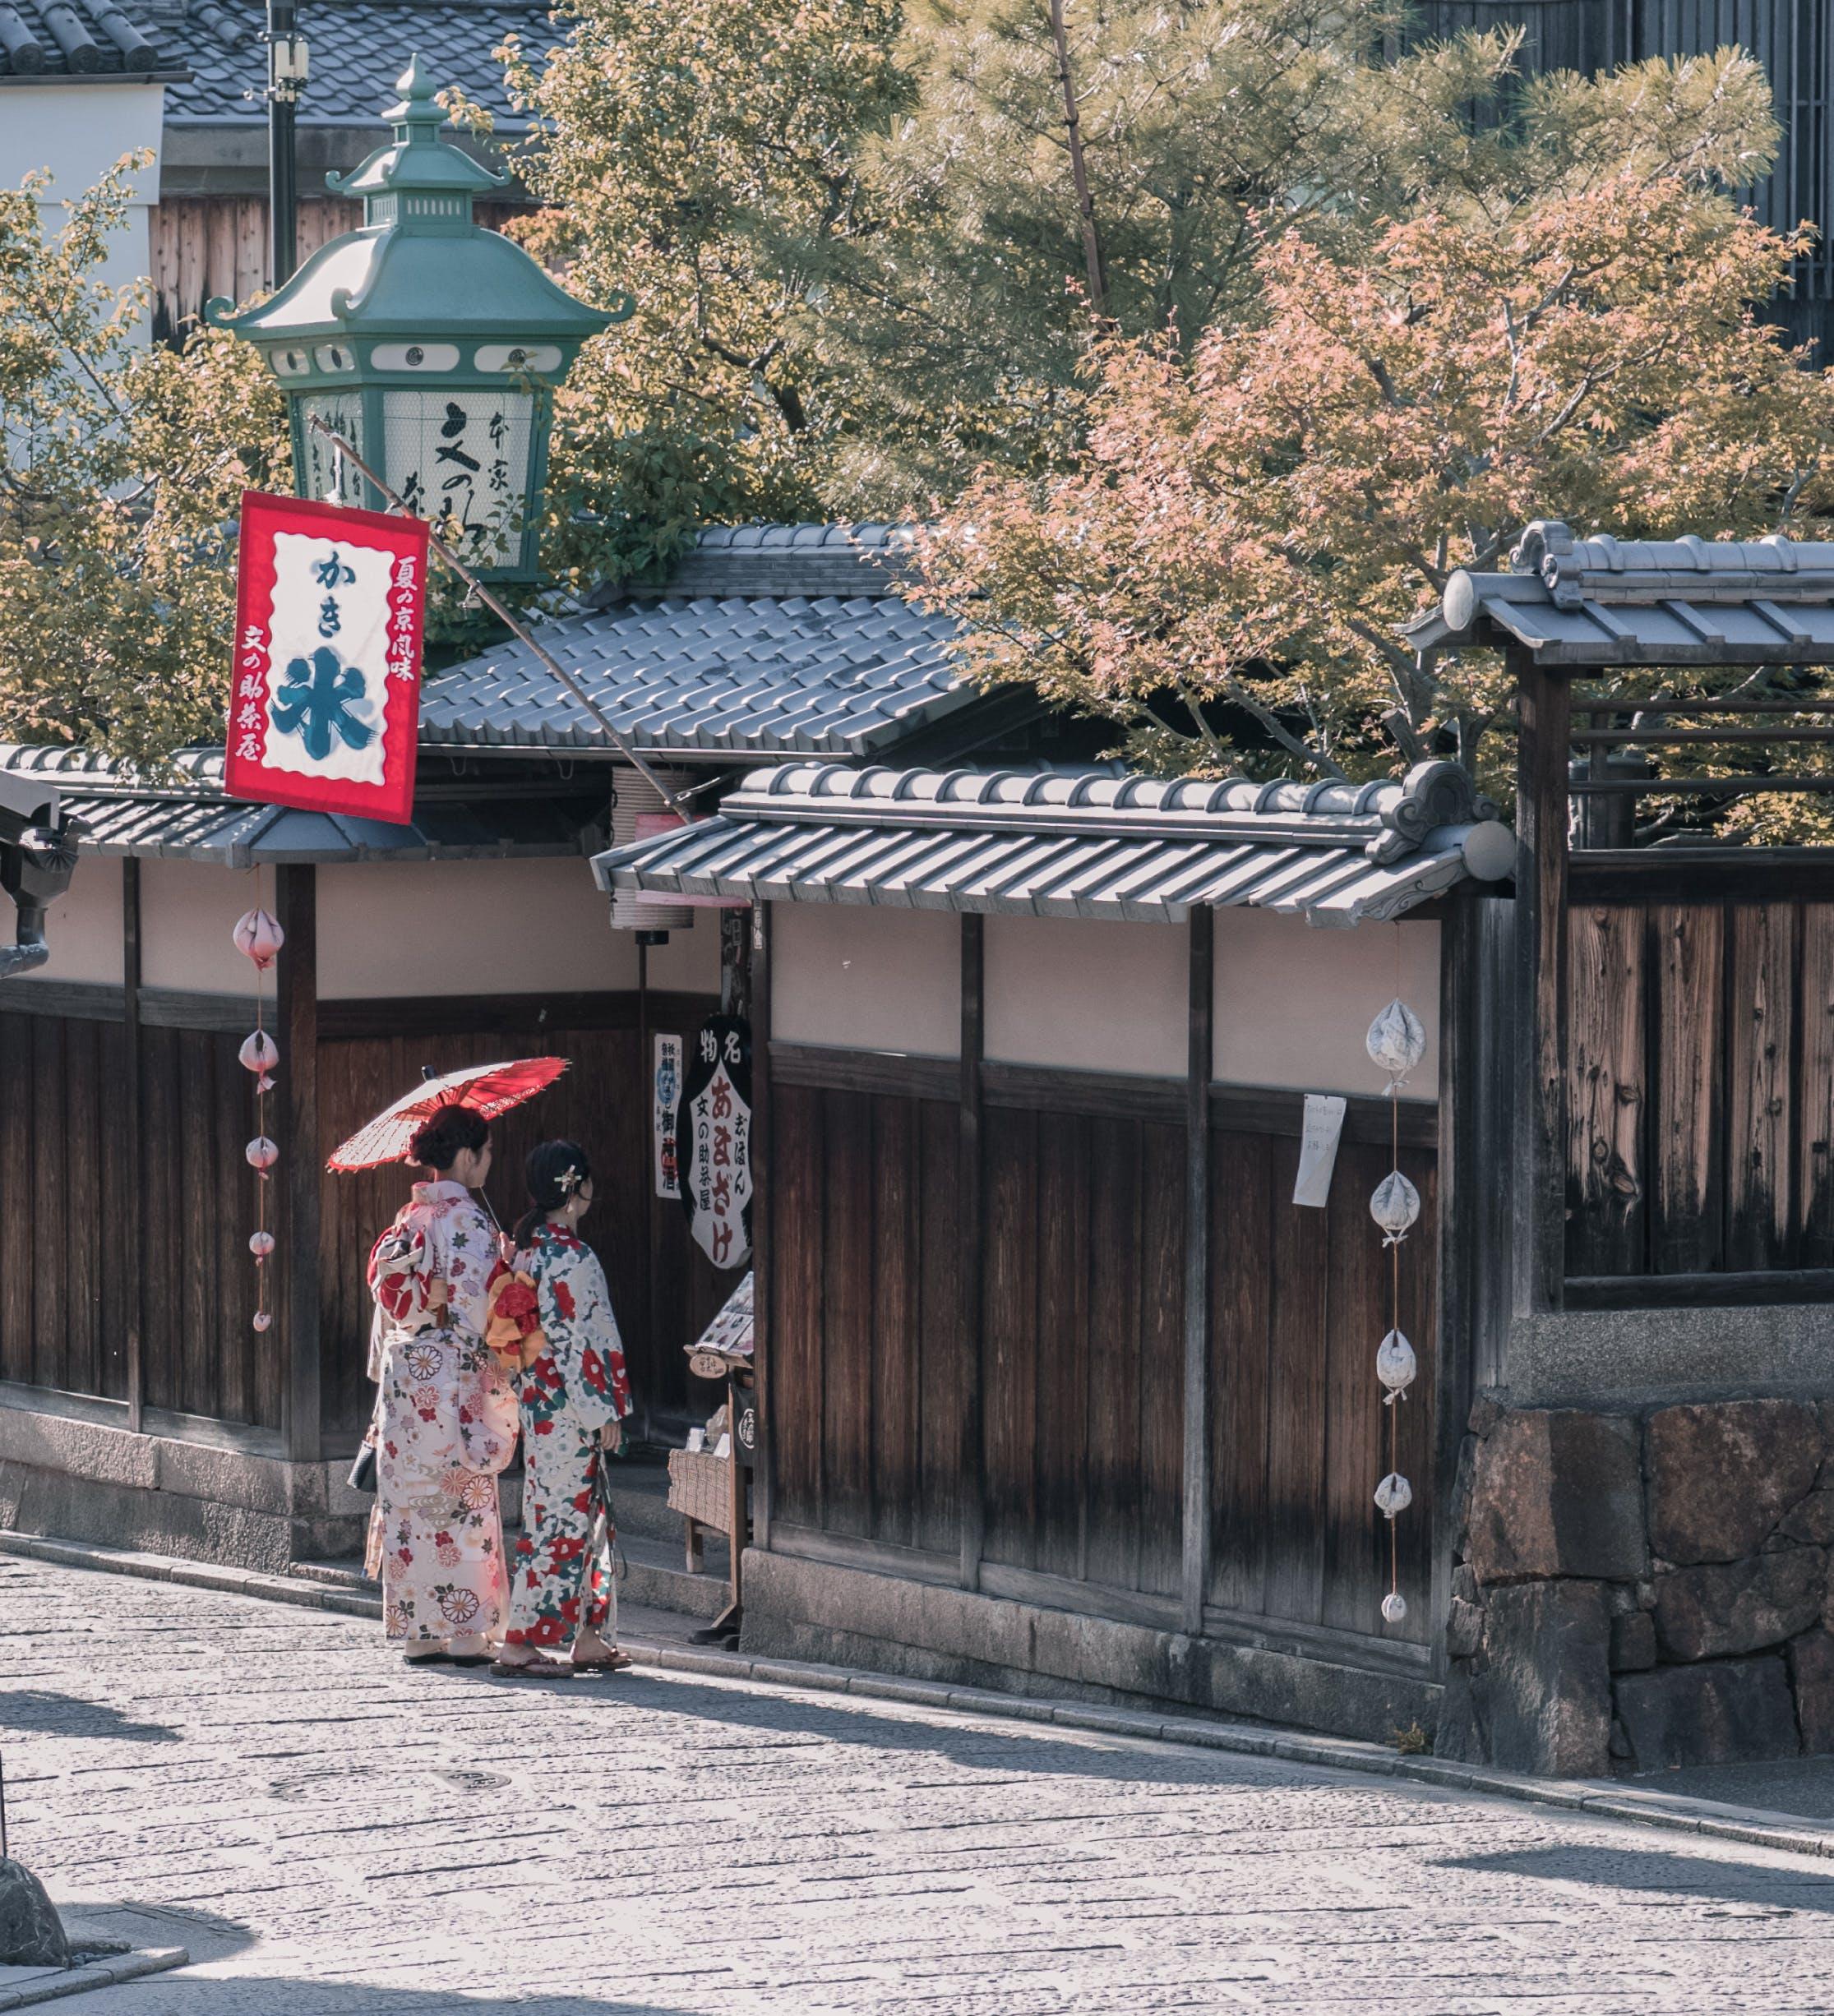 Ilmainen kuvapankkikuva tunnisteilla Aasia, arkkitehtuuri, ihmiset, japani